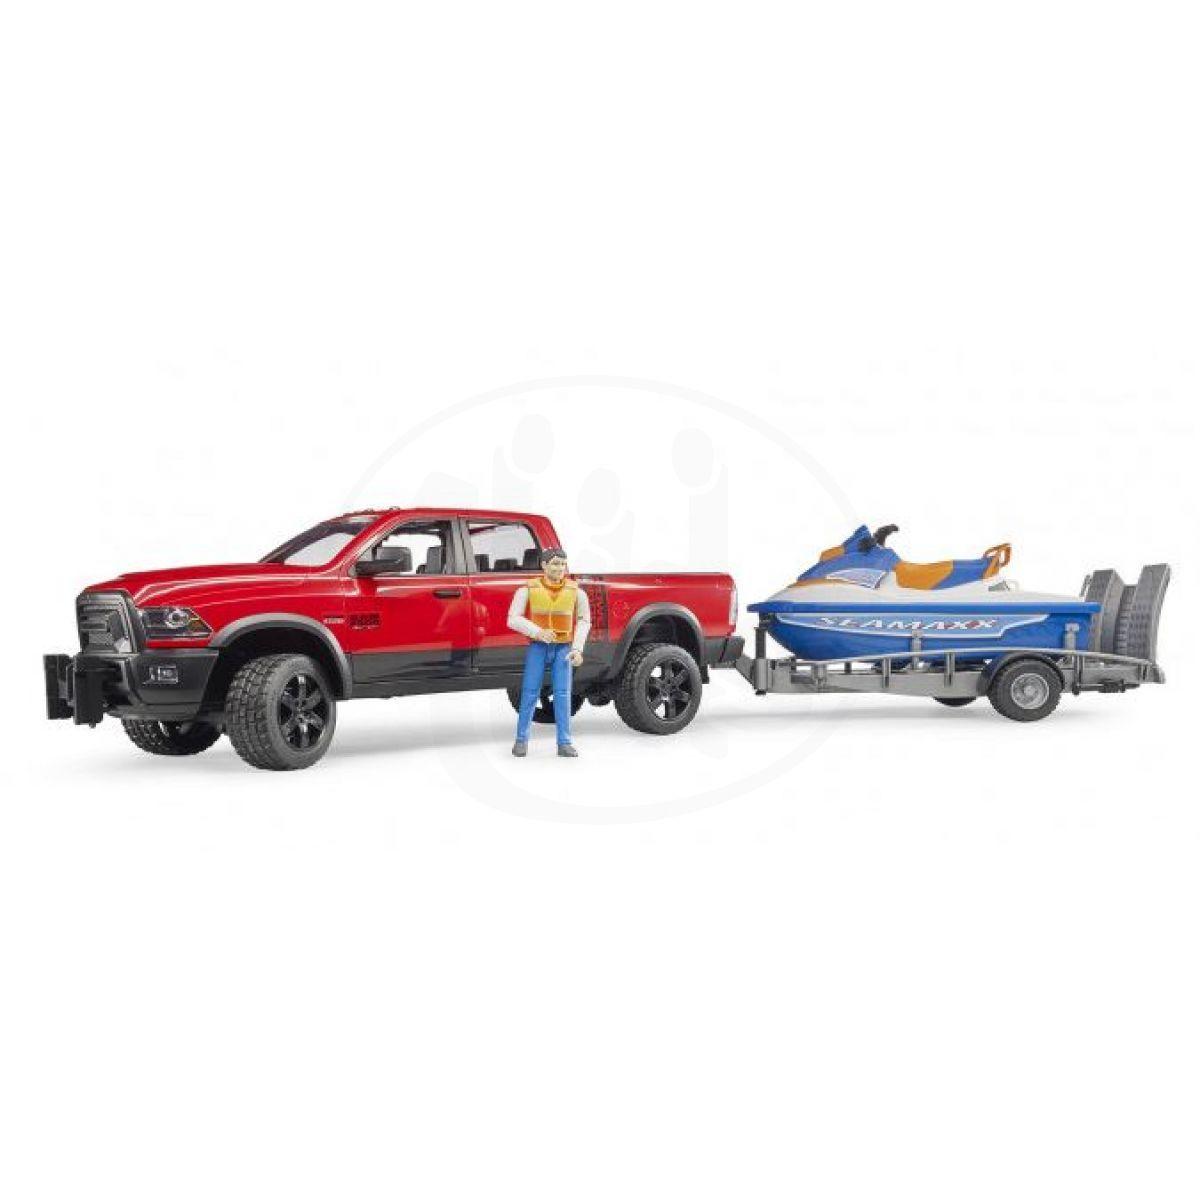 Bruder 2503 Auto RAM s přívěsem, vodním skútrem a figurkou